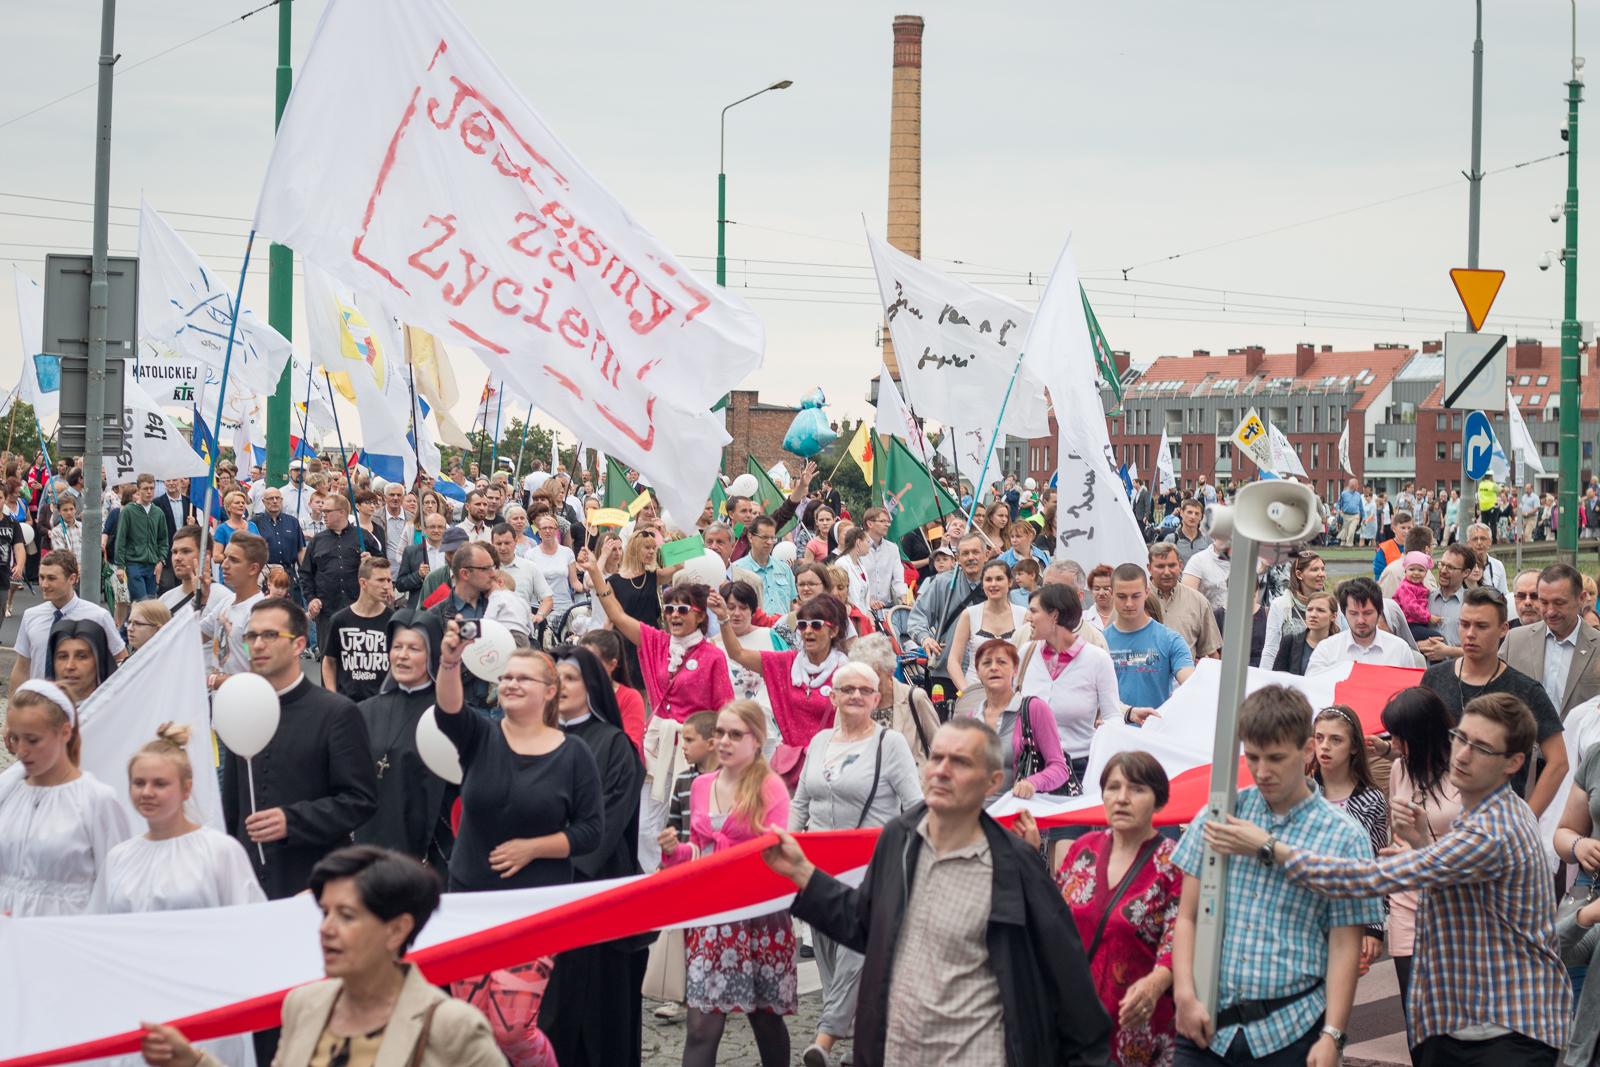 4 tys. osób na Marszu dla Życia w Poznaniu!